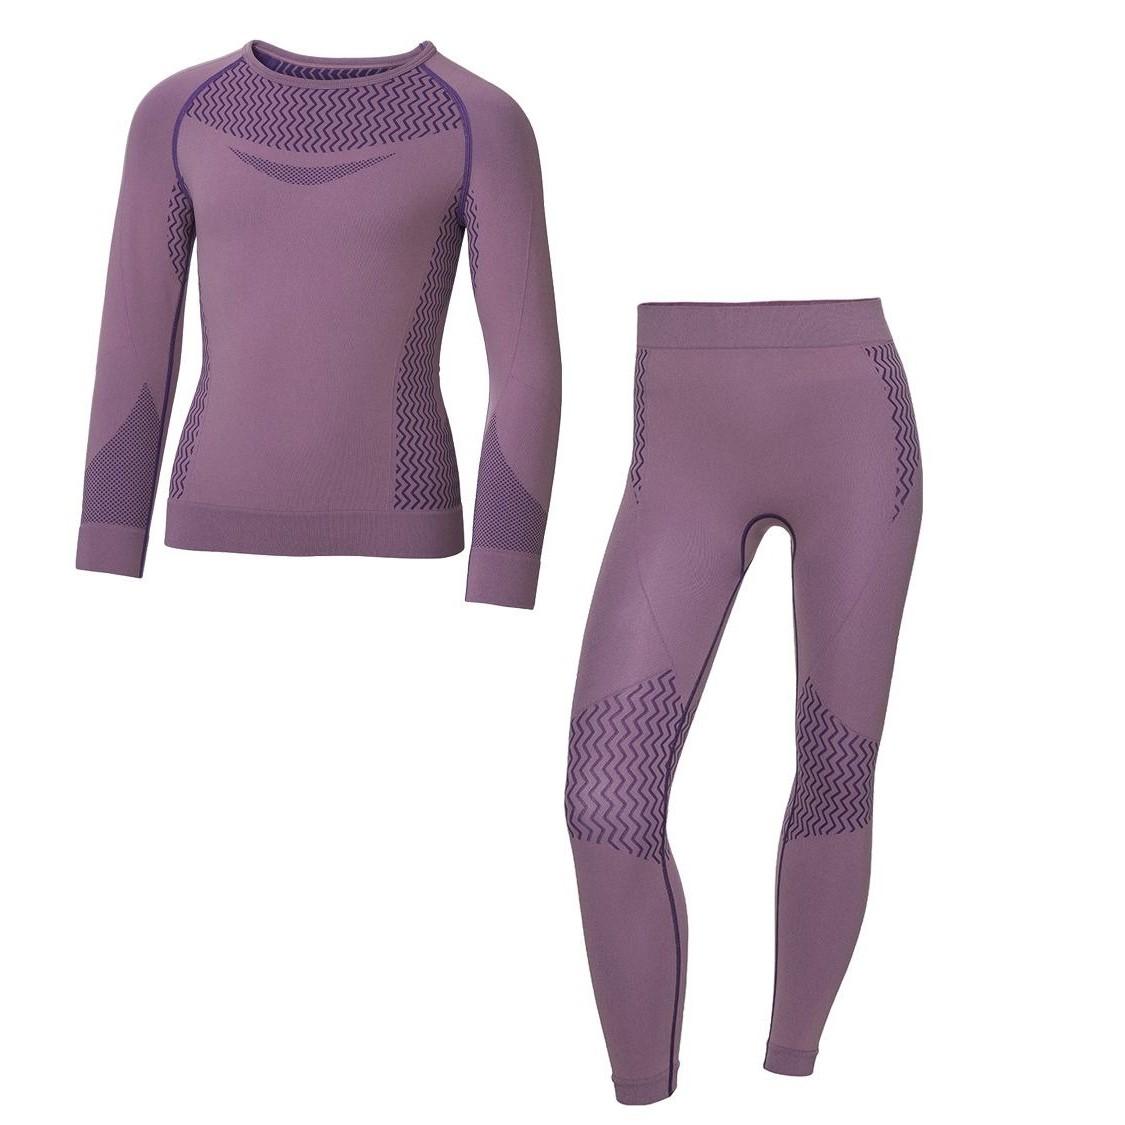 ست تی شرت و شلوار ورزشی دخترانه کرویت مدل pnk8888